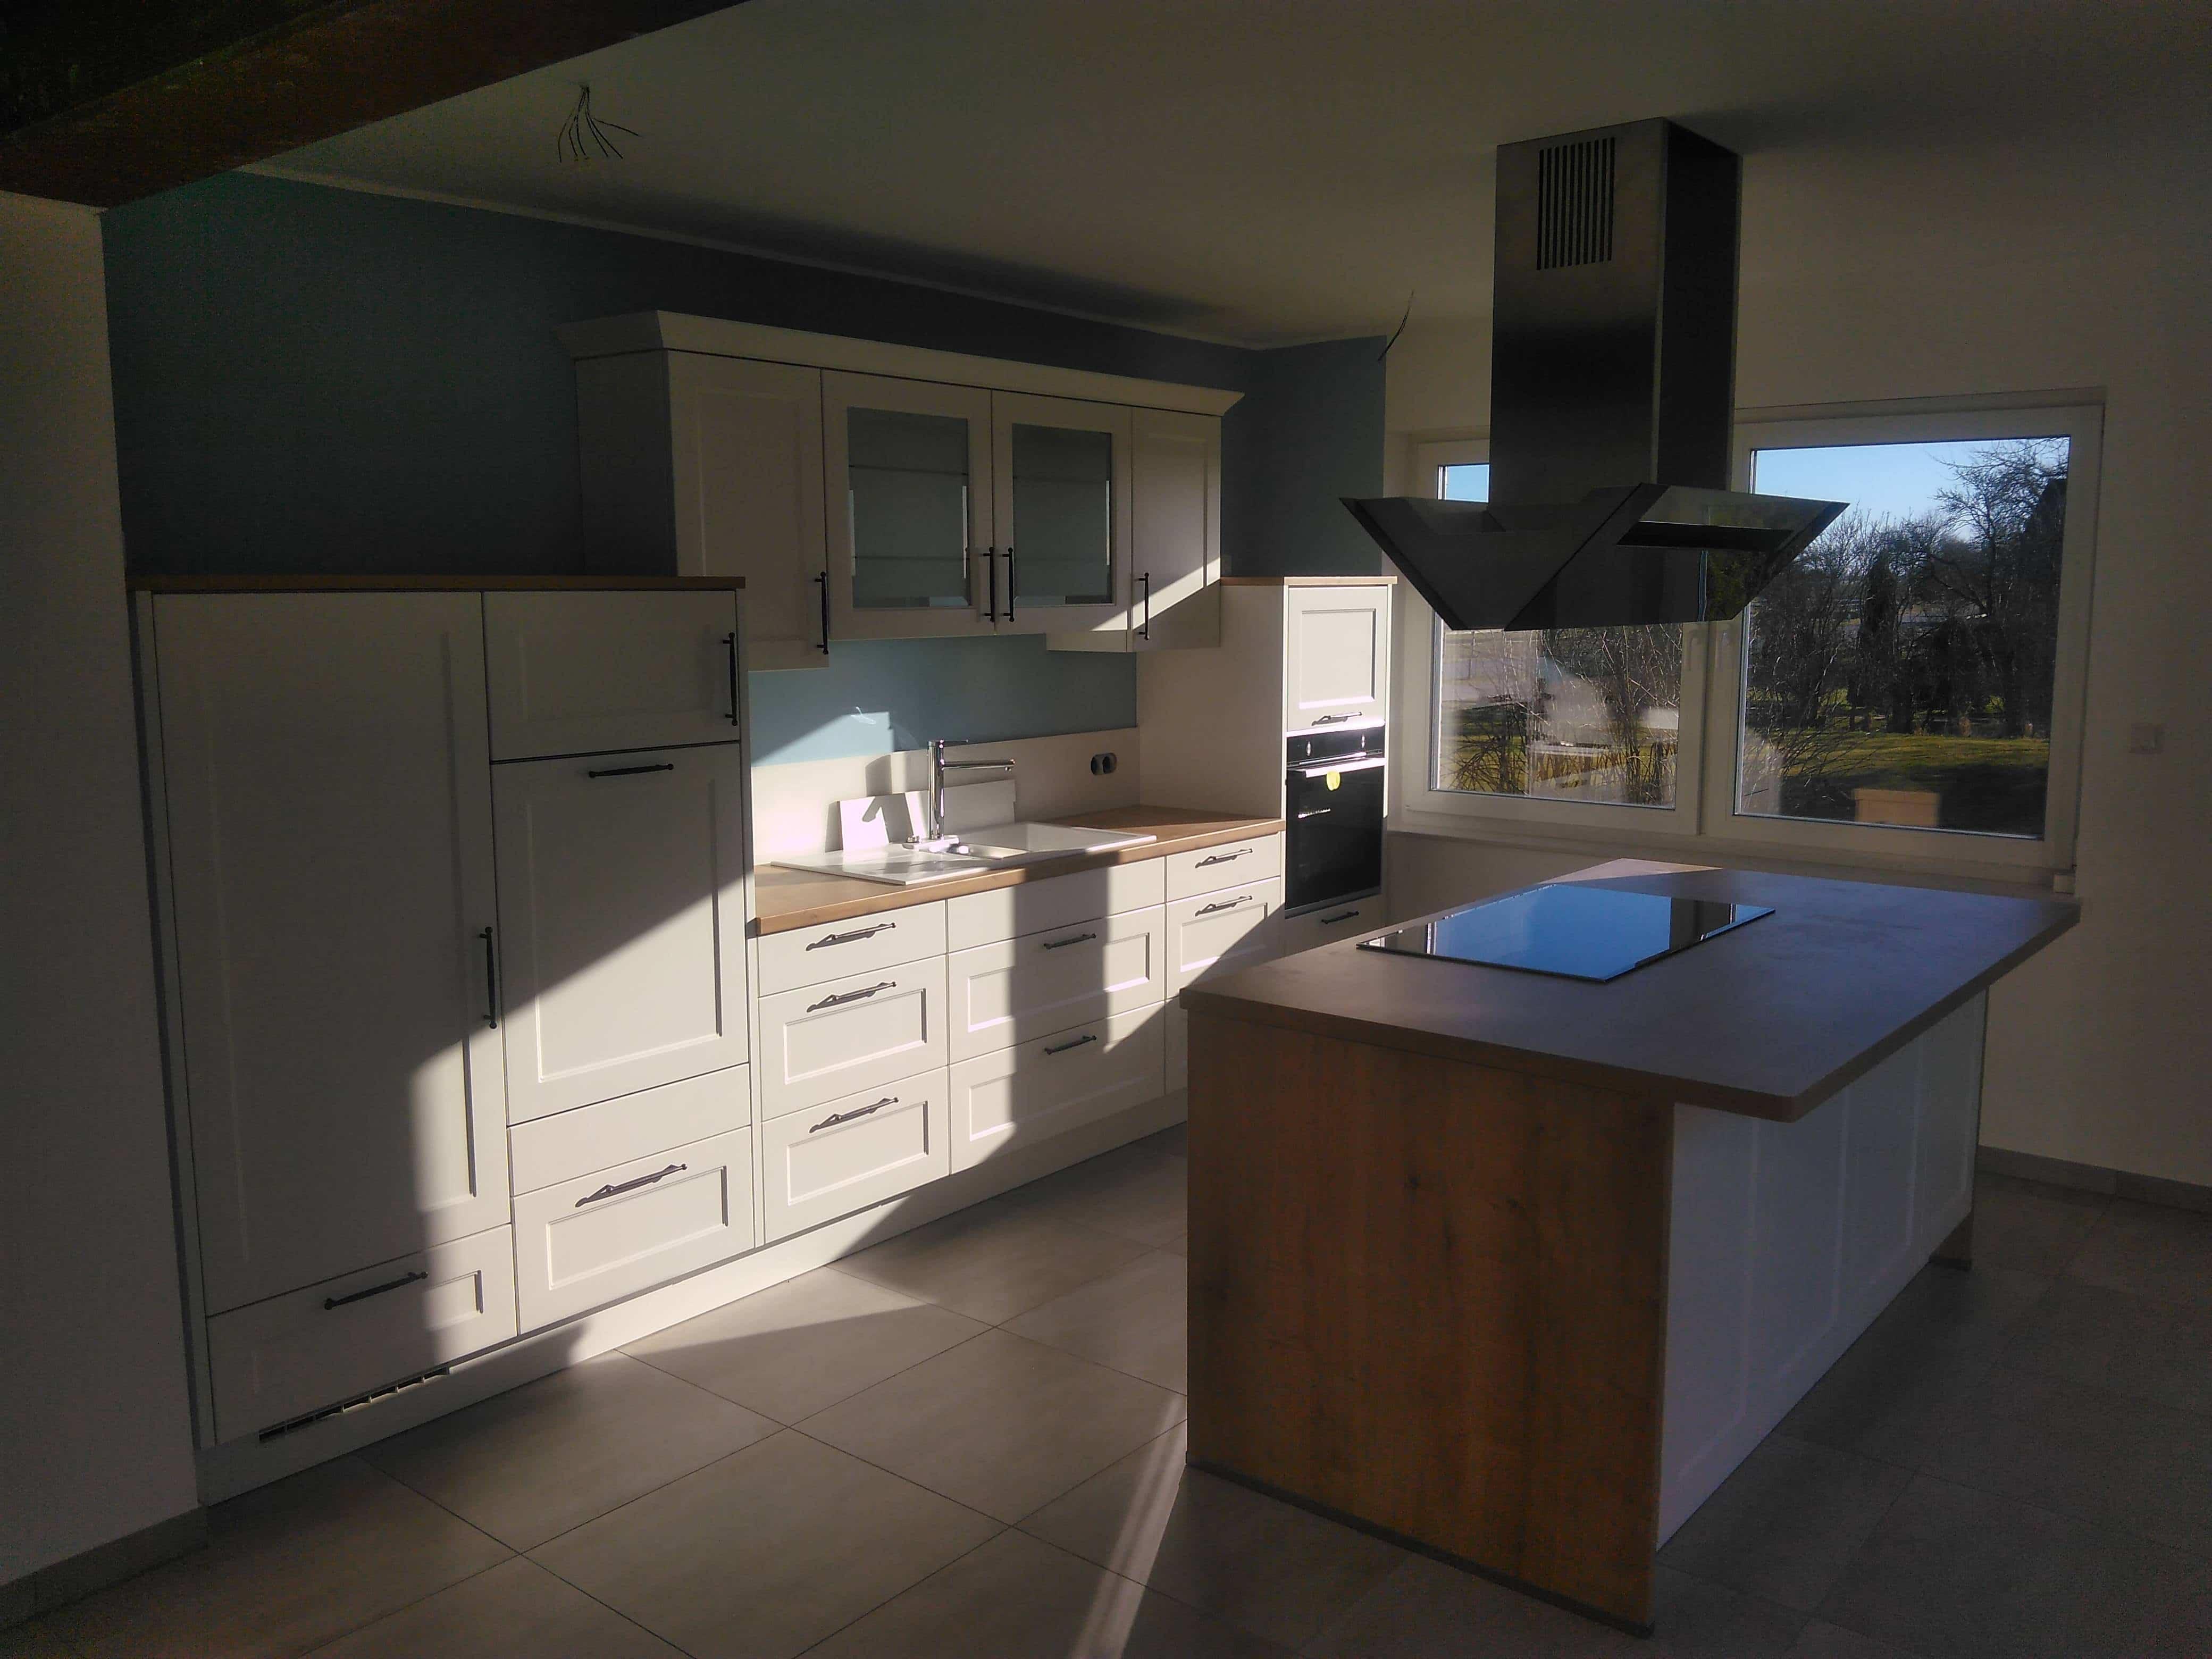 Kücheneinbau | KT Bau - & Montage